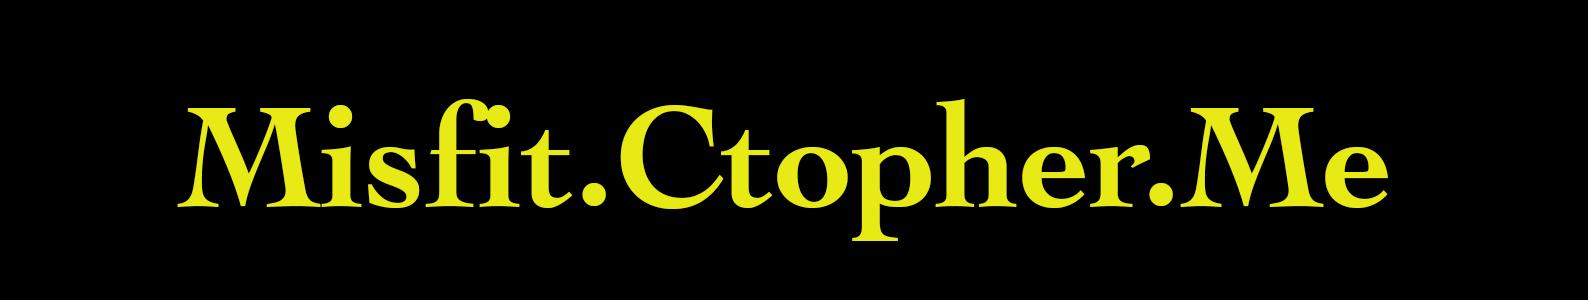 misfit.ctopher.me